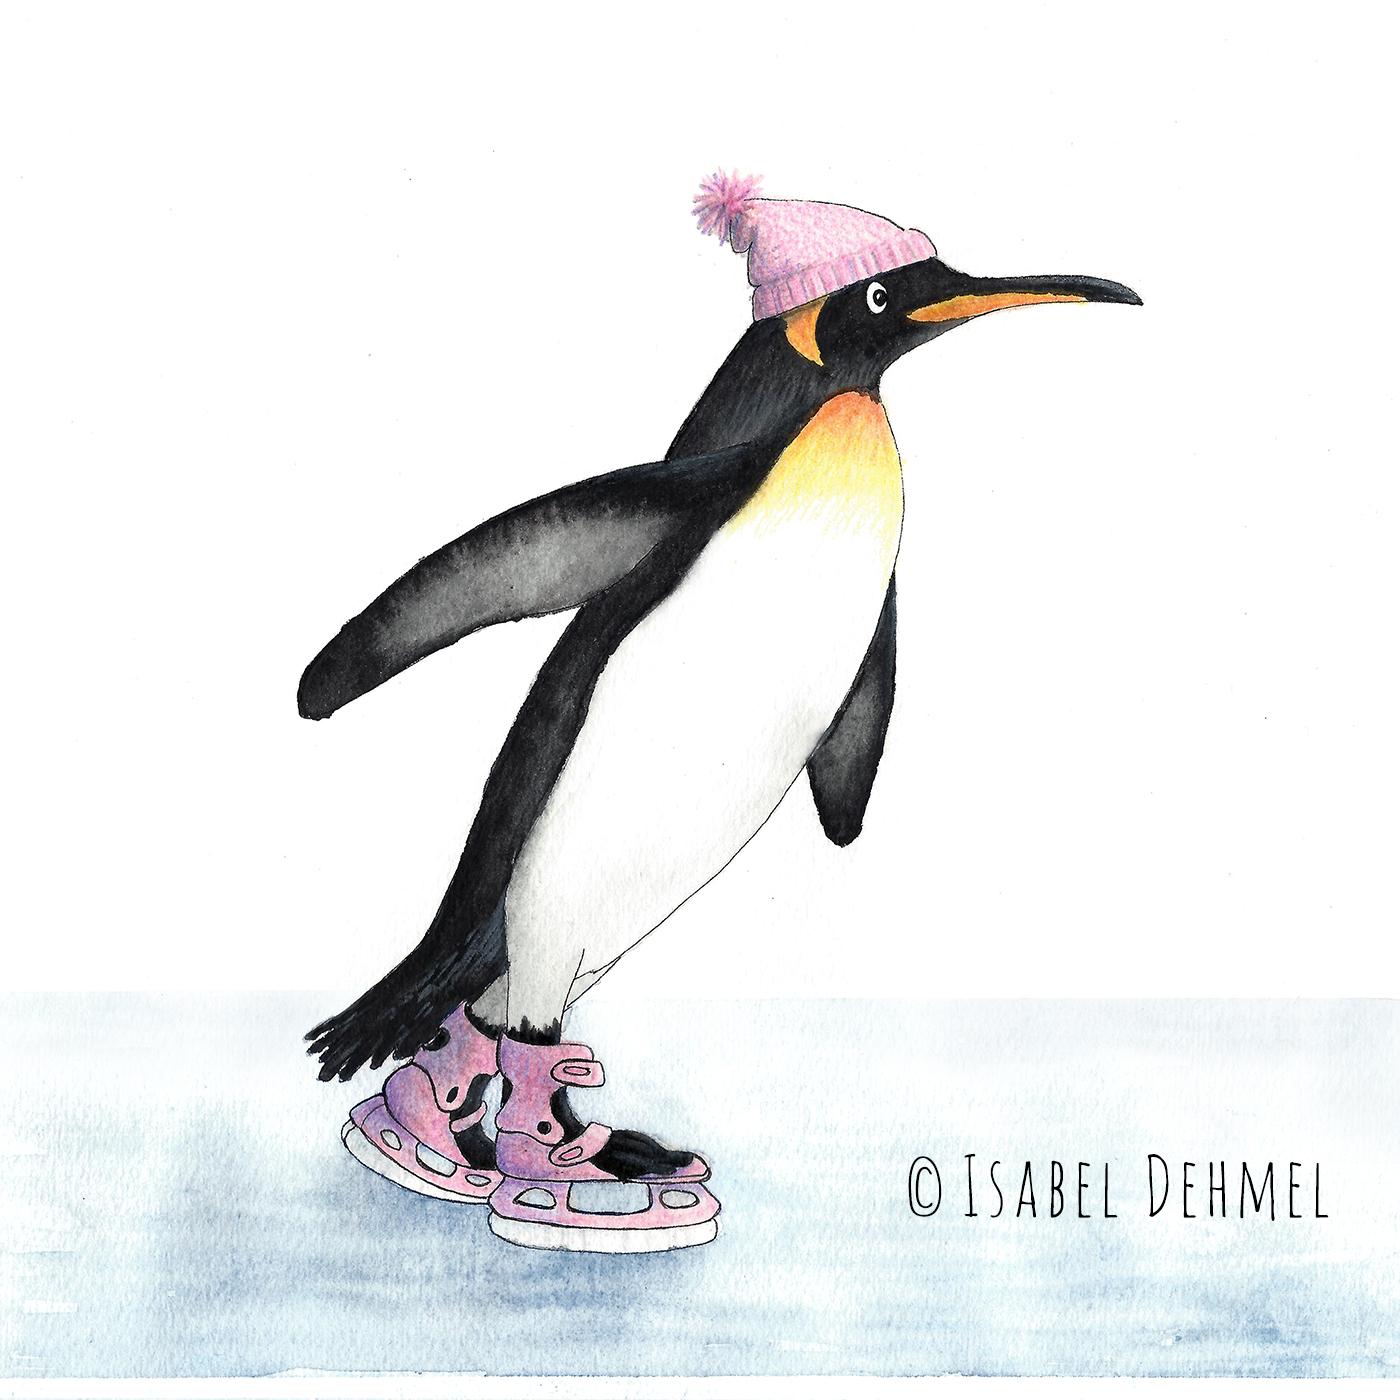 Der Schlittschuh fahrende Pinguin - Illustration von Isabel Dehmel